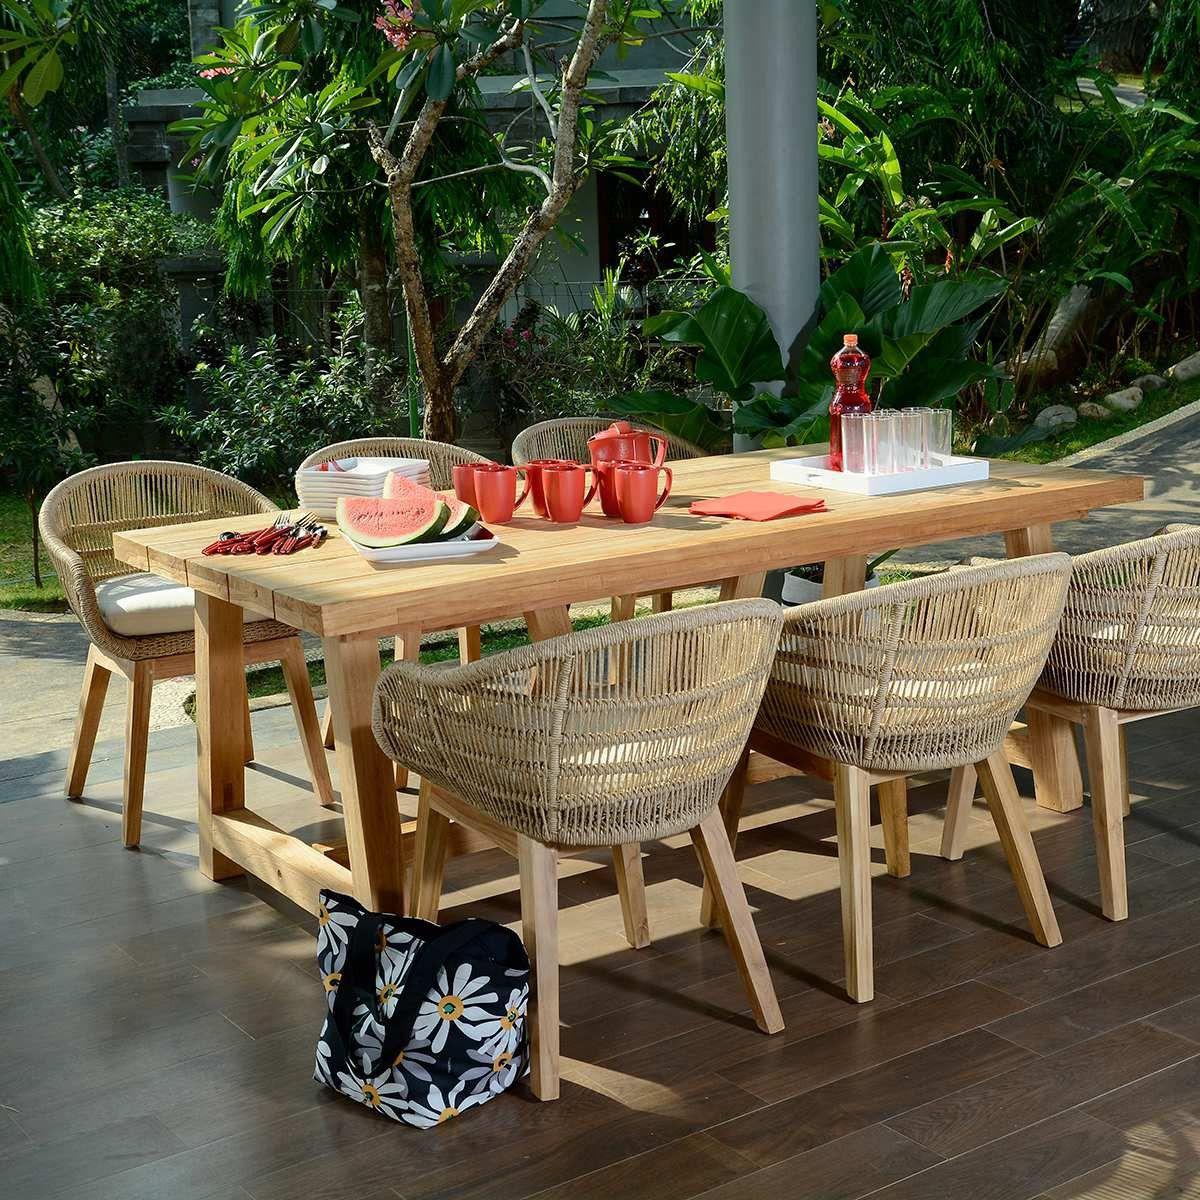 Salon De Jardin Chaumont 250 En Teck Effet Recyclé Pas Cher ... destiné Salon De Jardin En Soldes